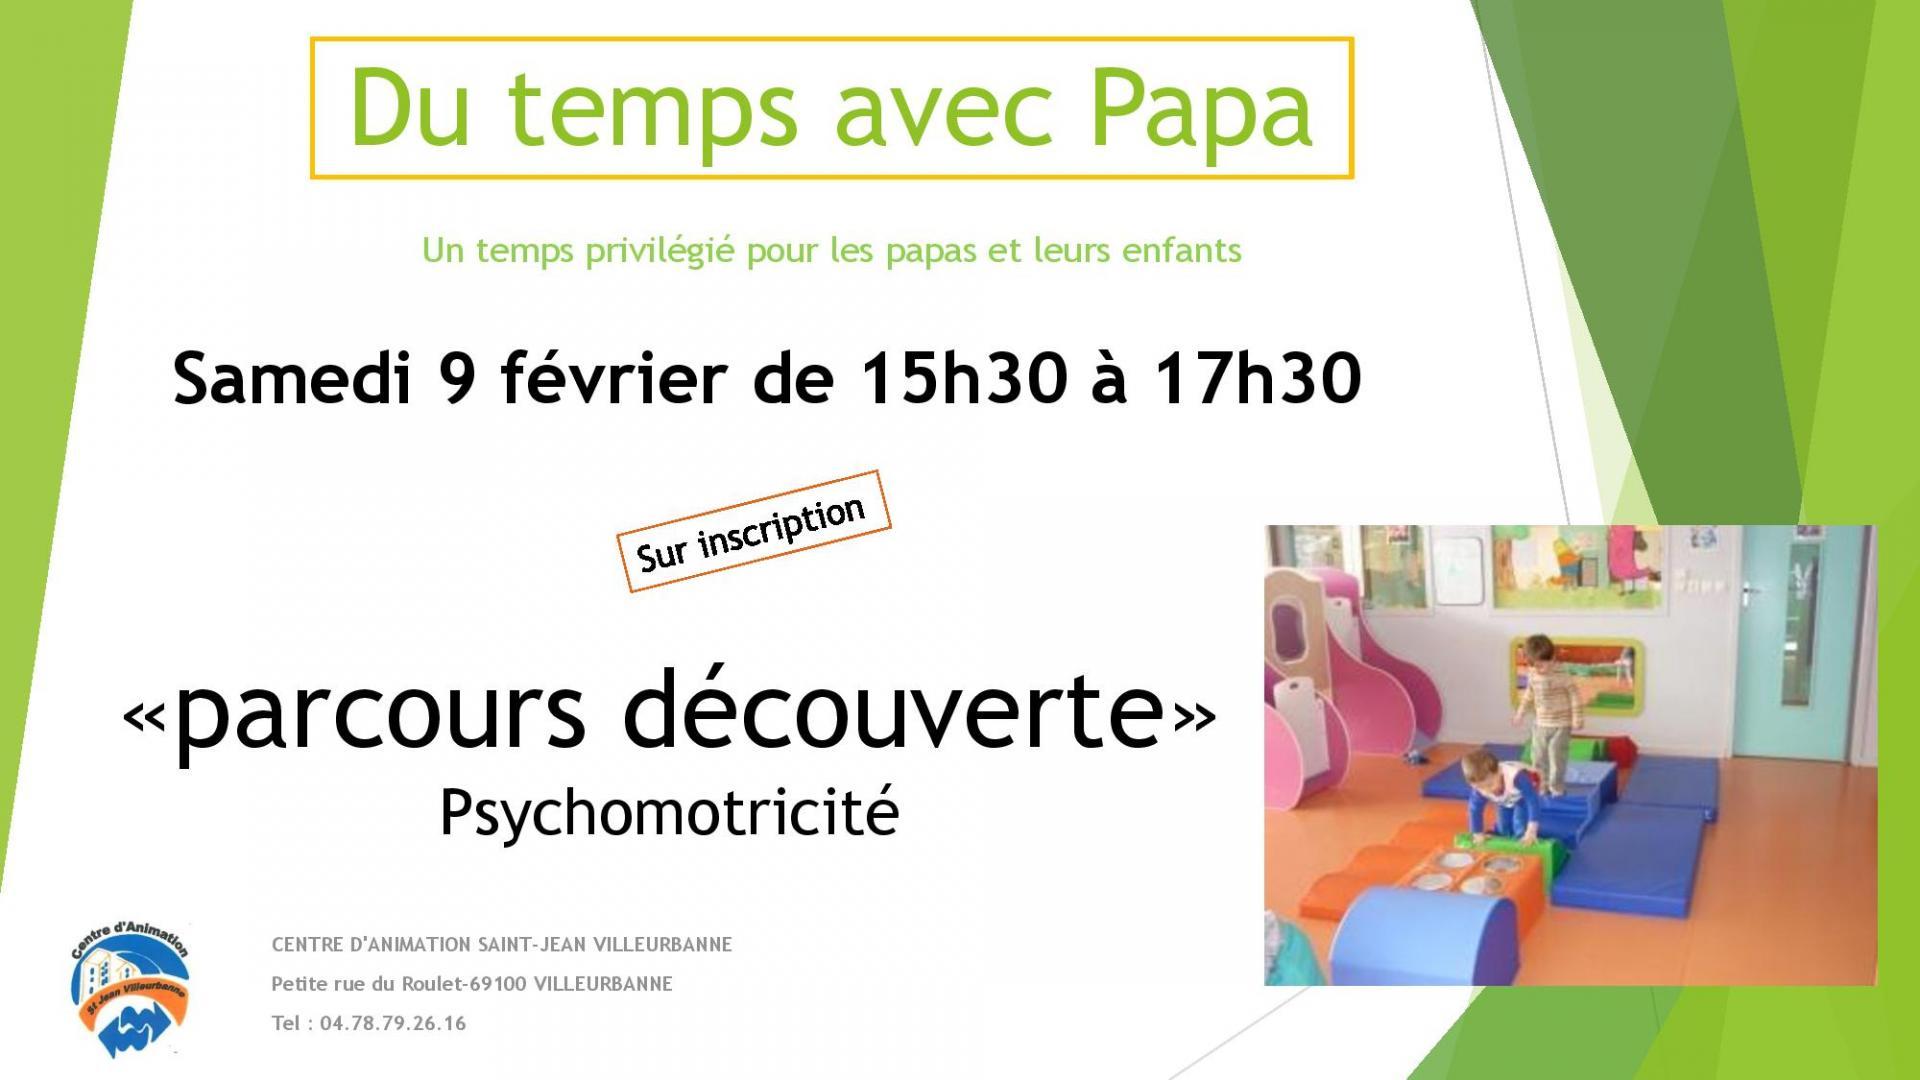 Affichedu temps avec papa 2019 2 page 001 1